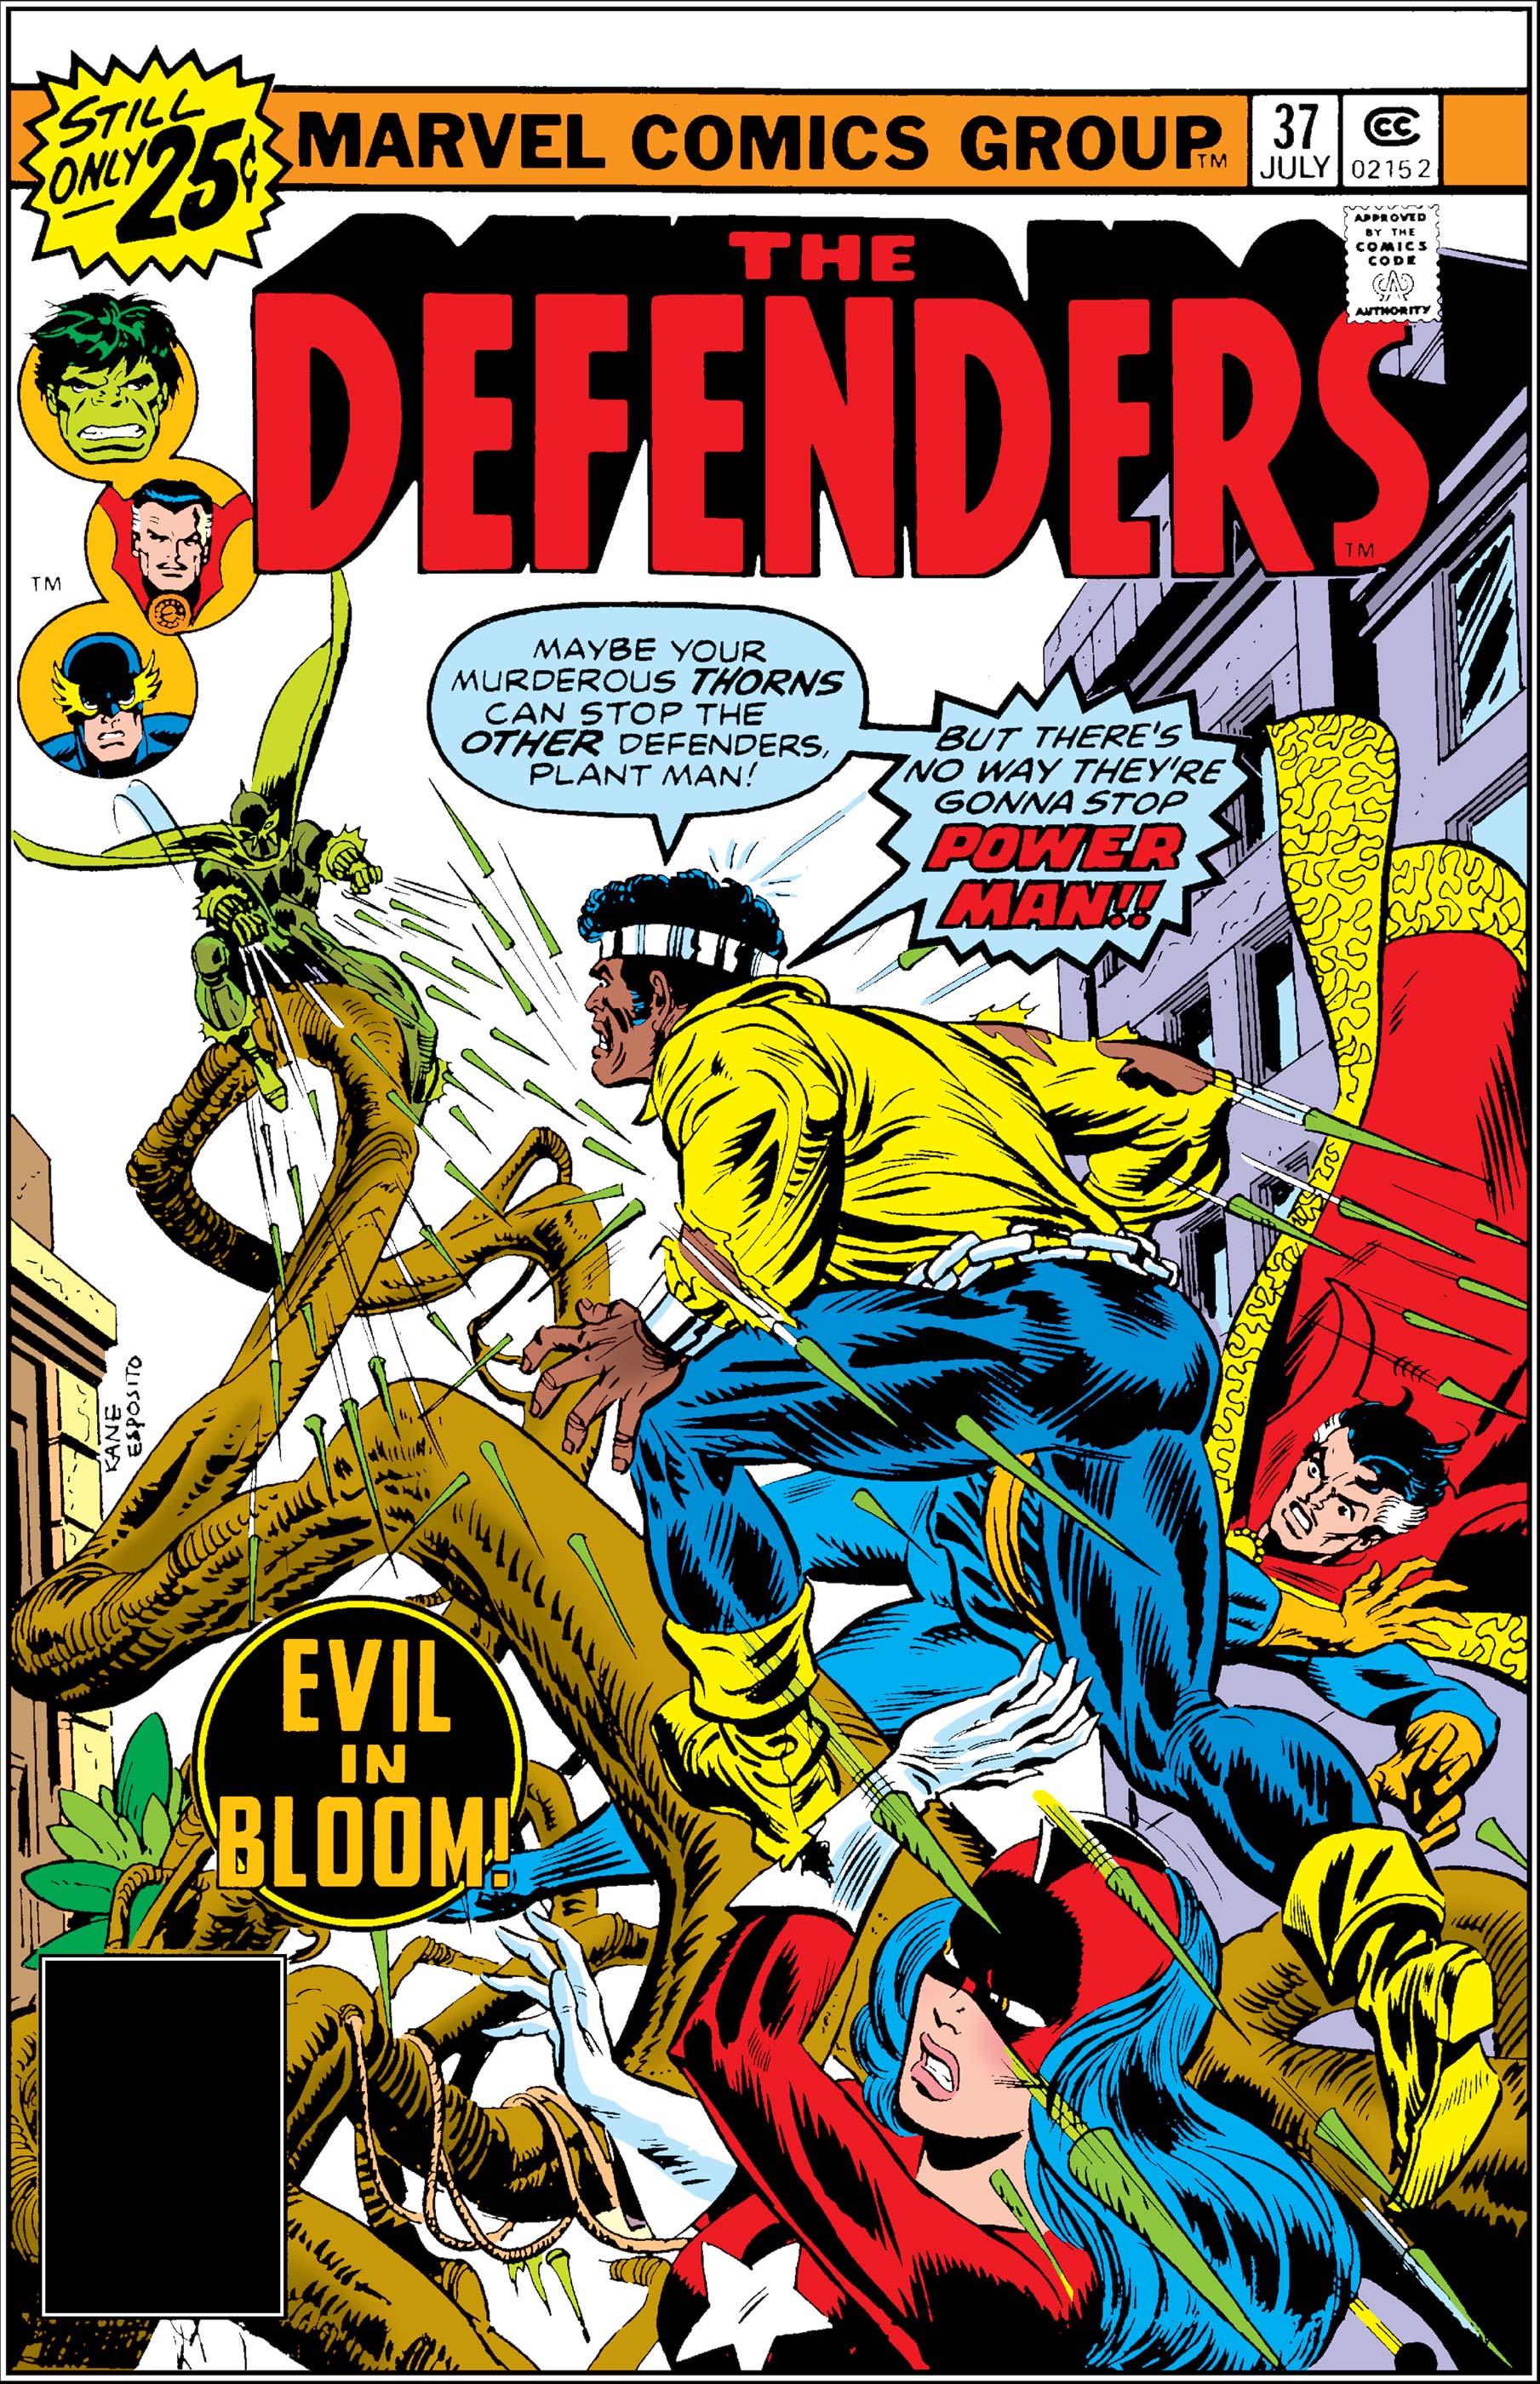 Defenders (1972) #37